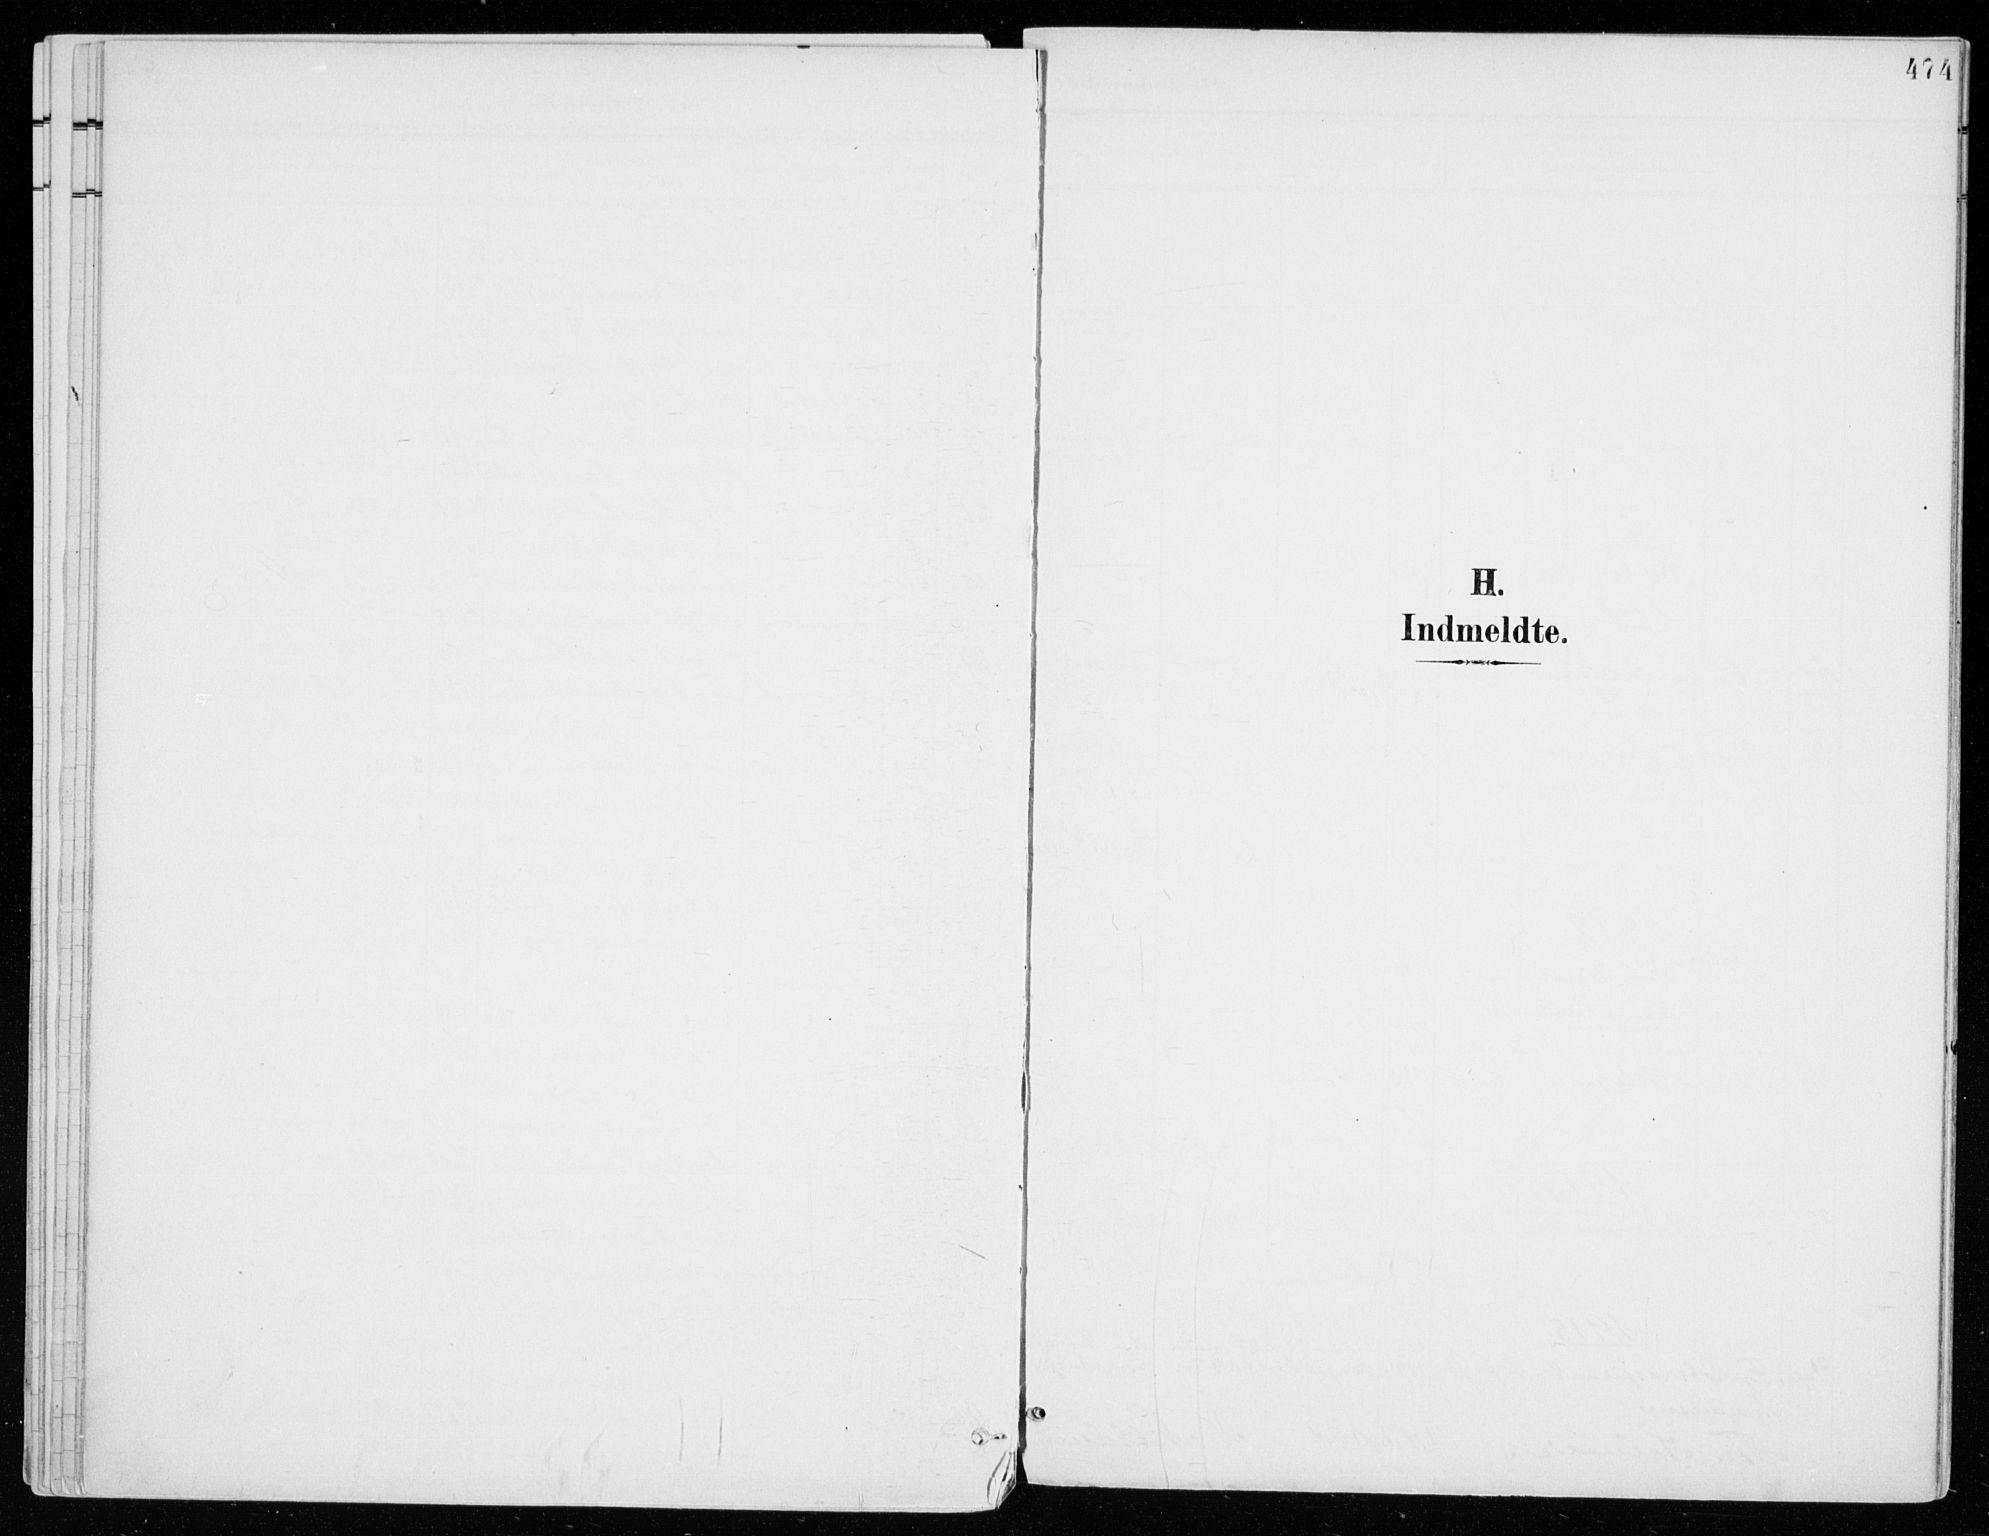 SAH, Vang prestekontor, Hedmark, H/Ha/Haa/L0021: Ministerialbok nr. 21, 1902-1917, s. 474